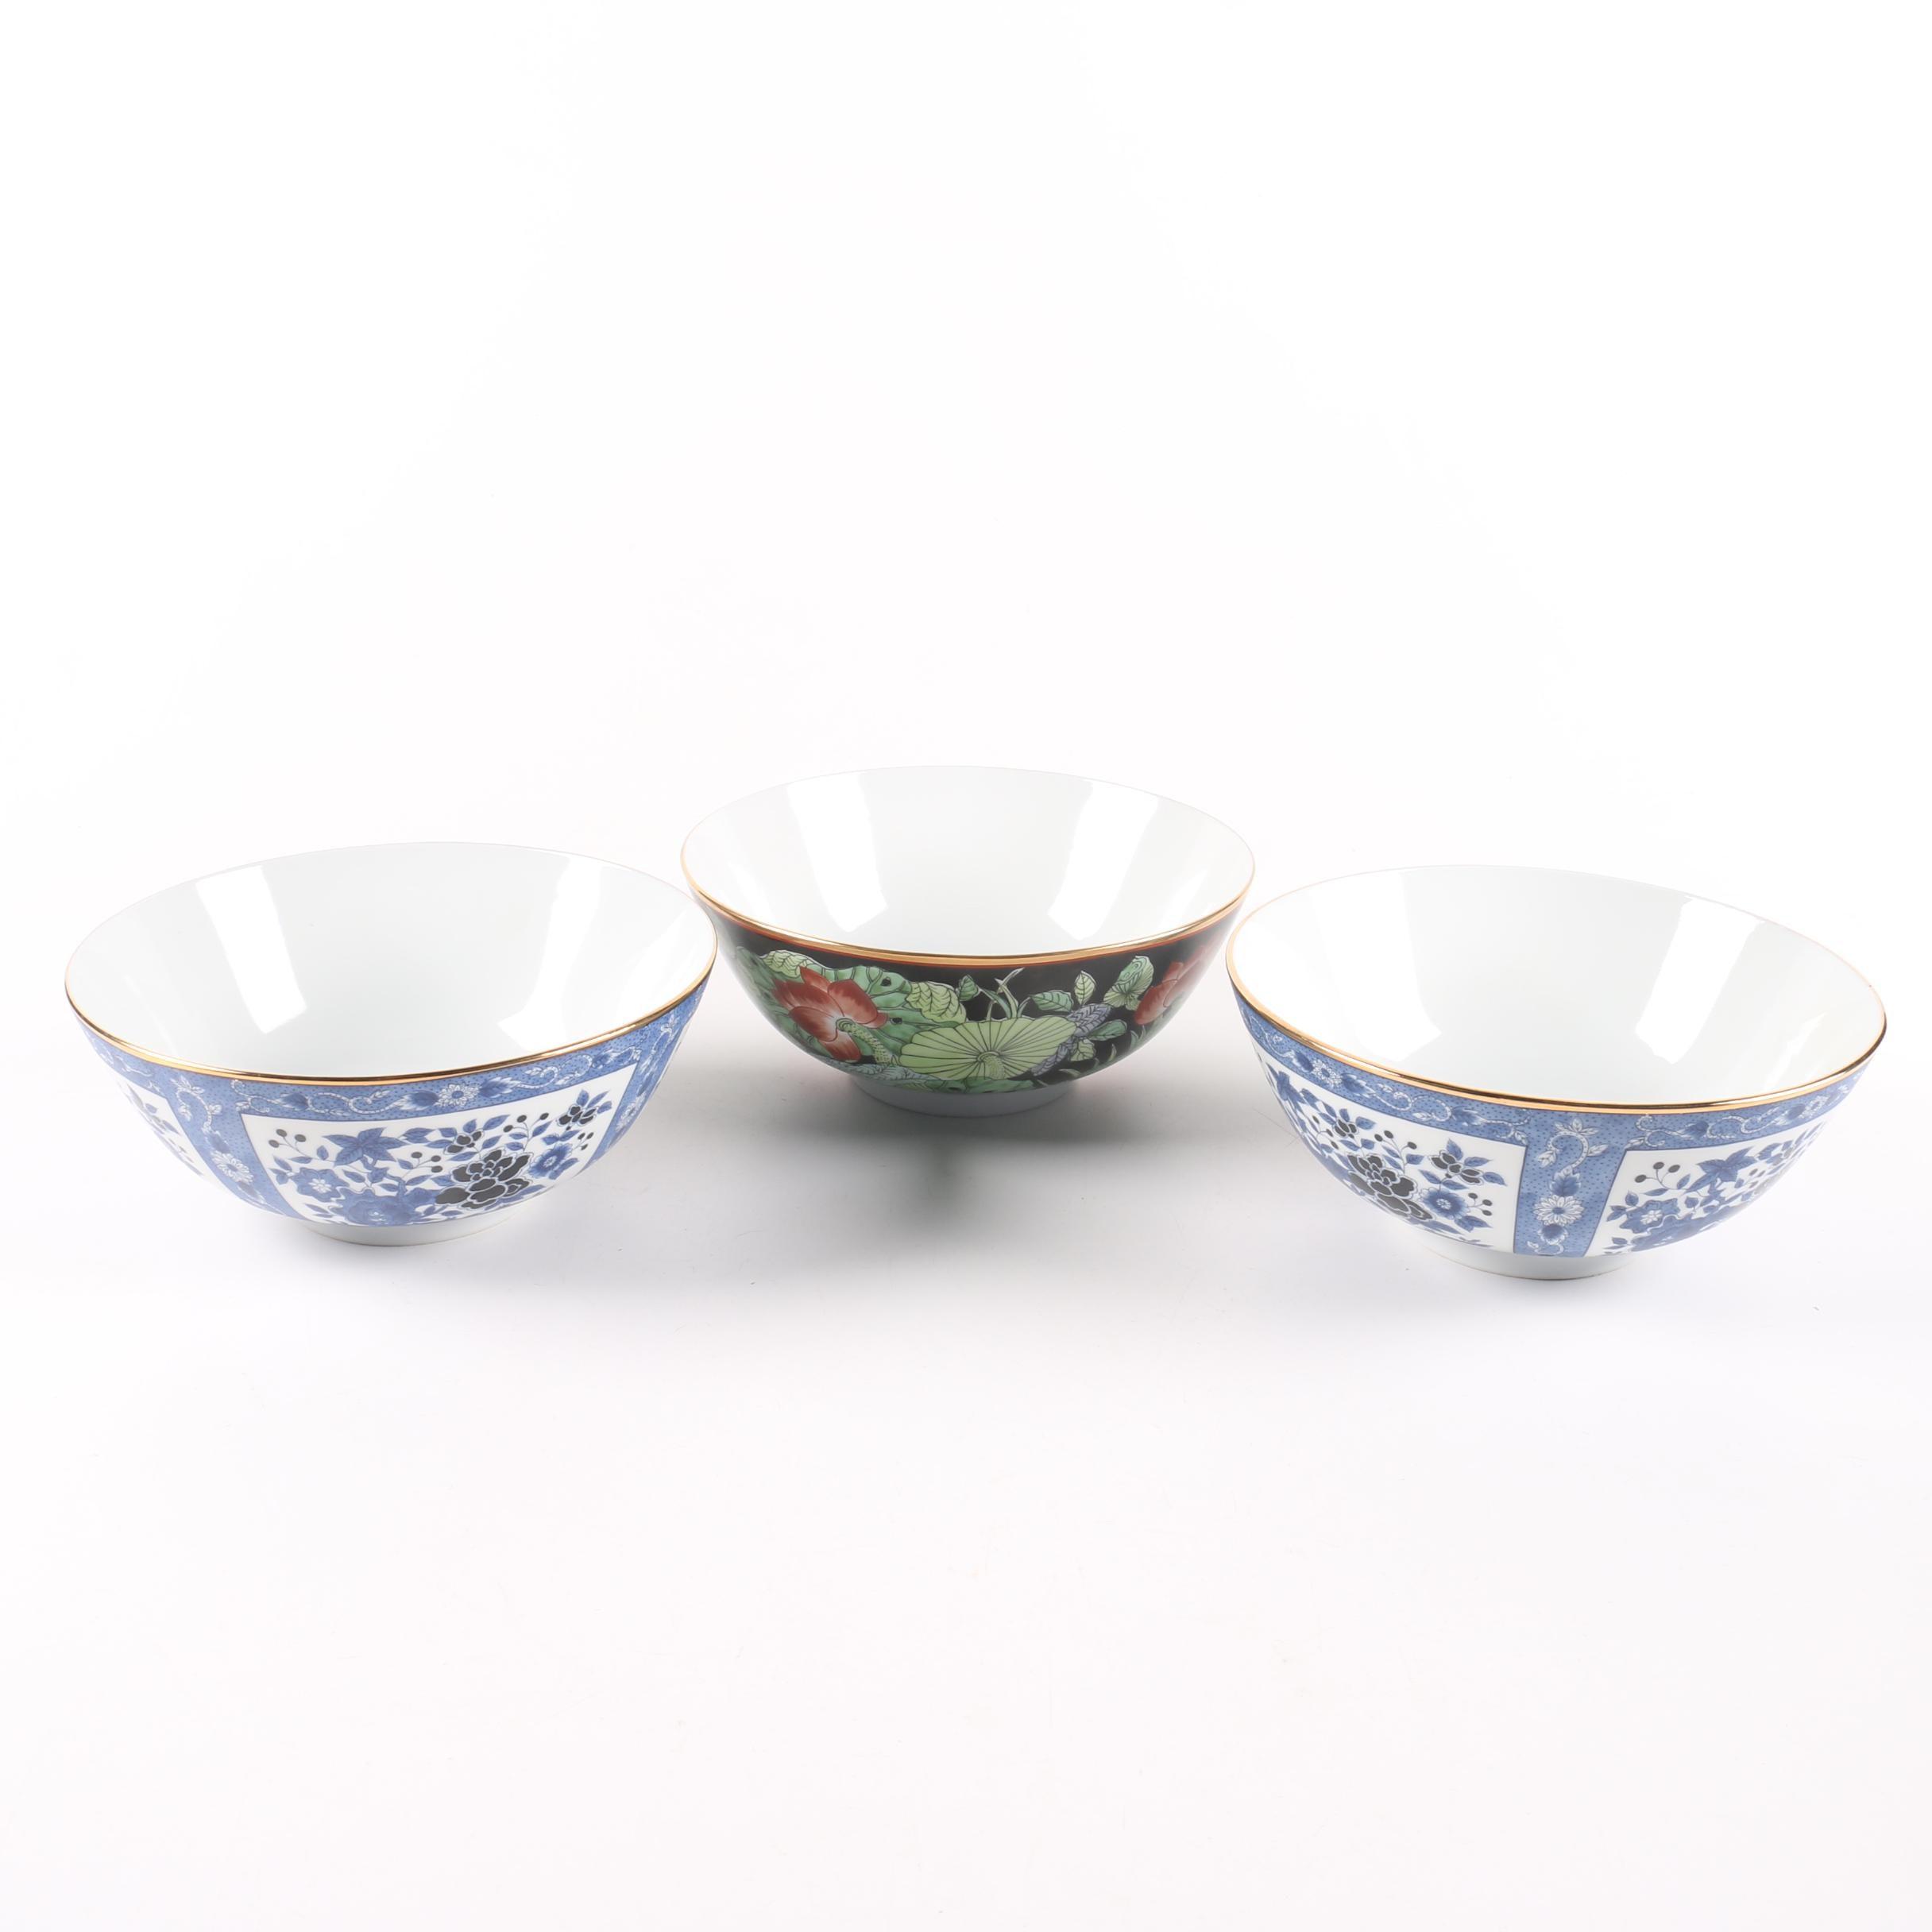 Gump's Japanese Porcelain Soup Bowls